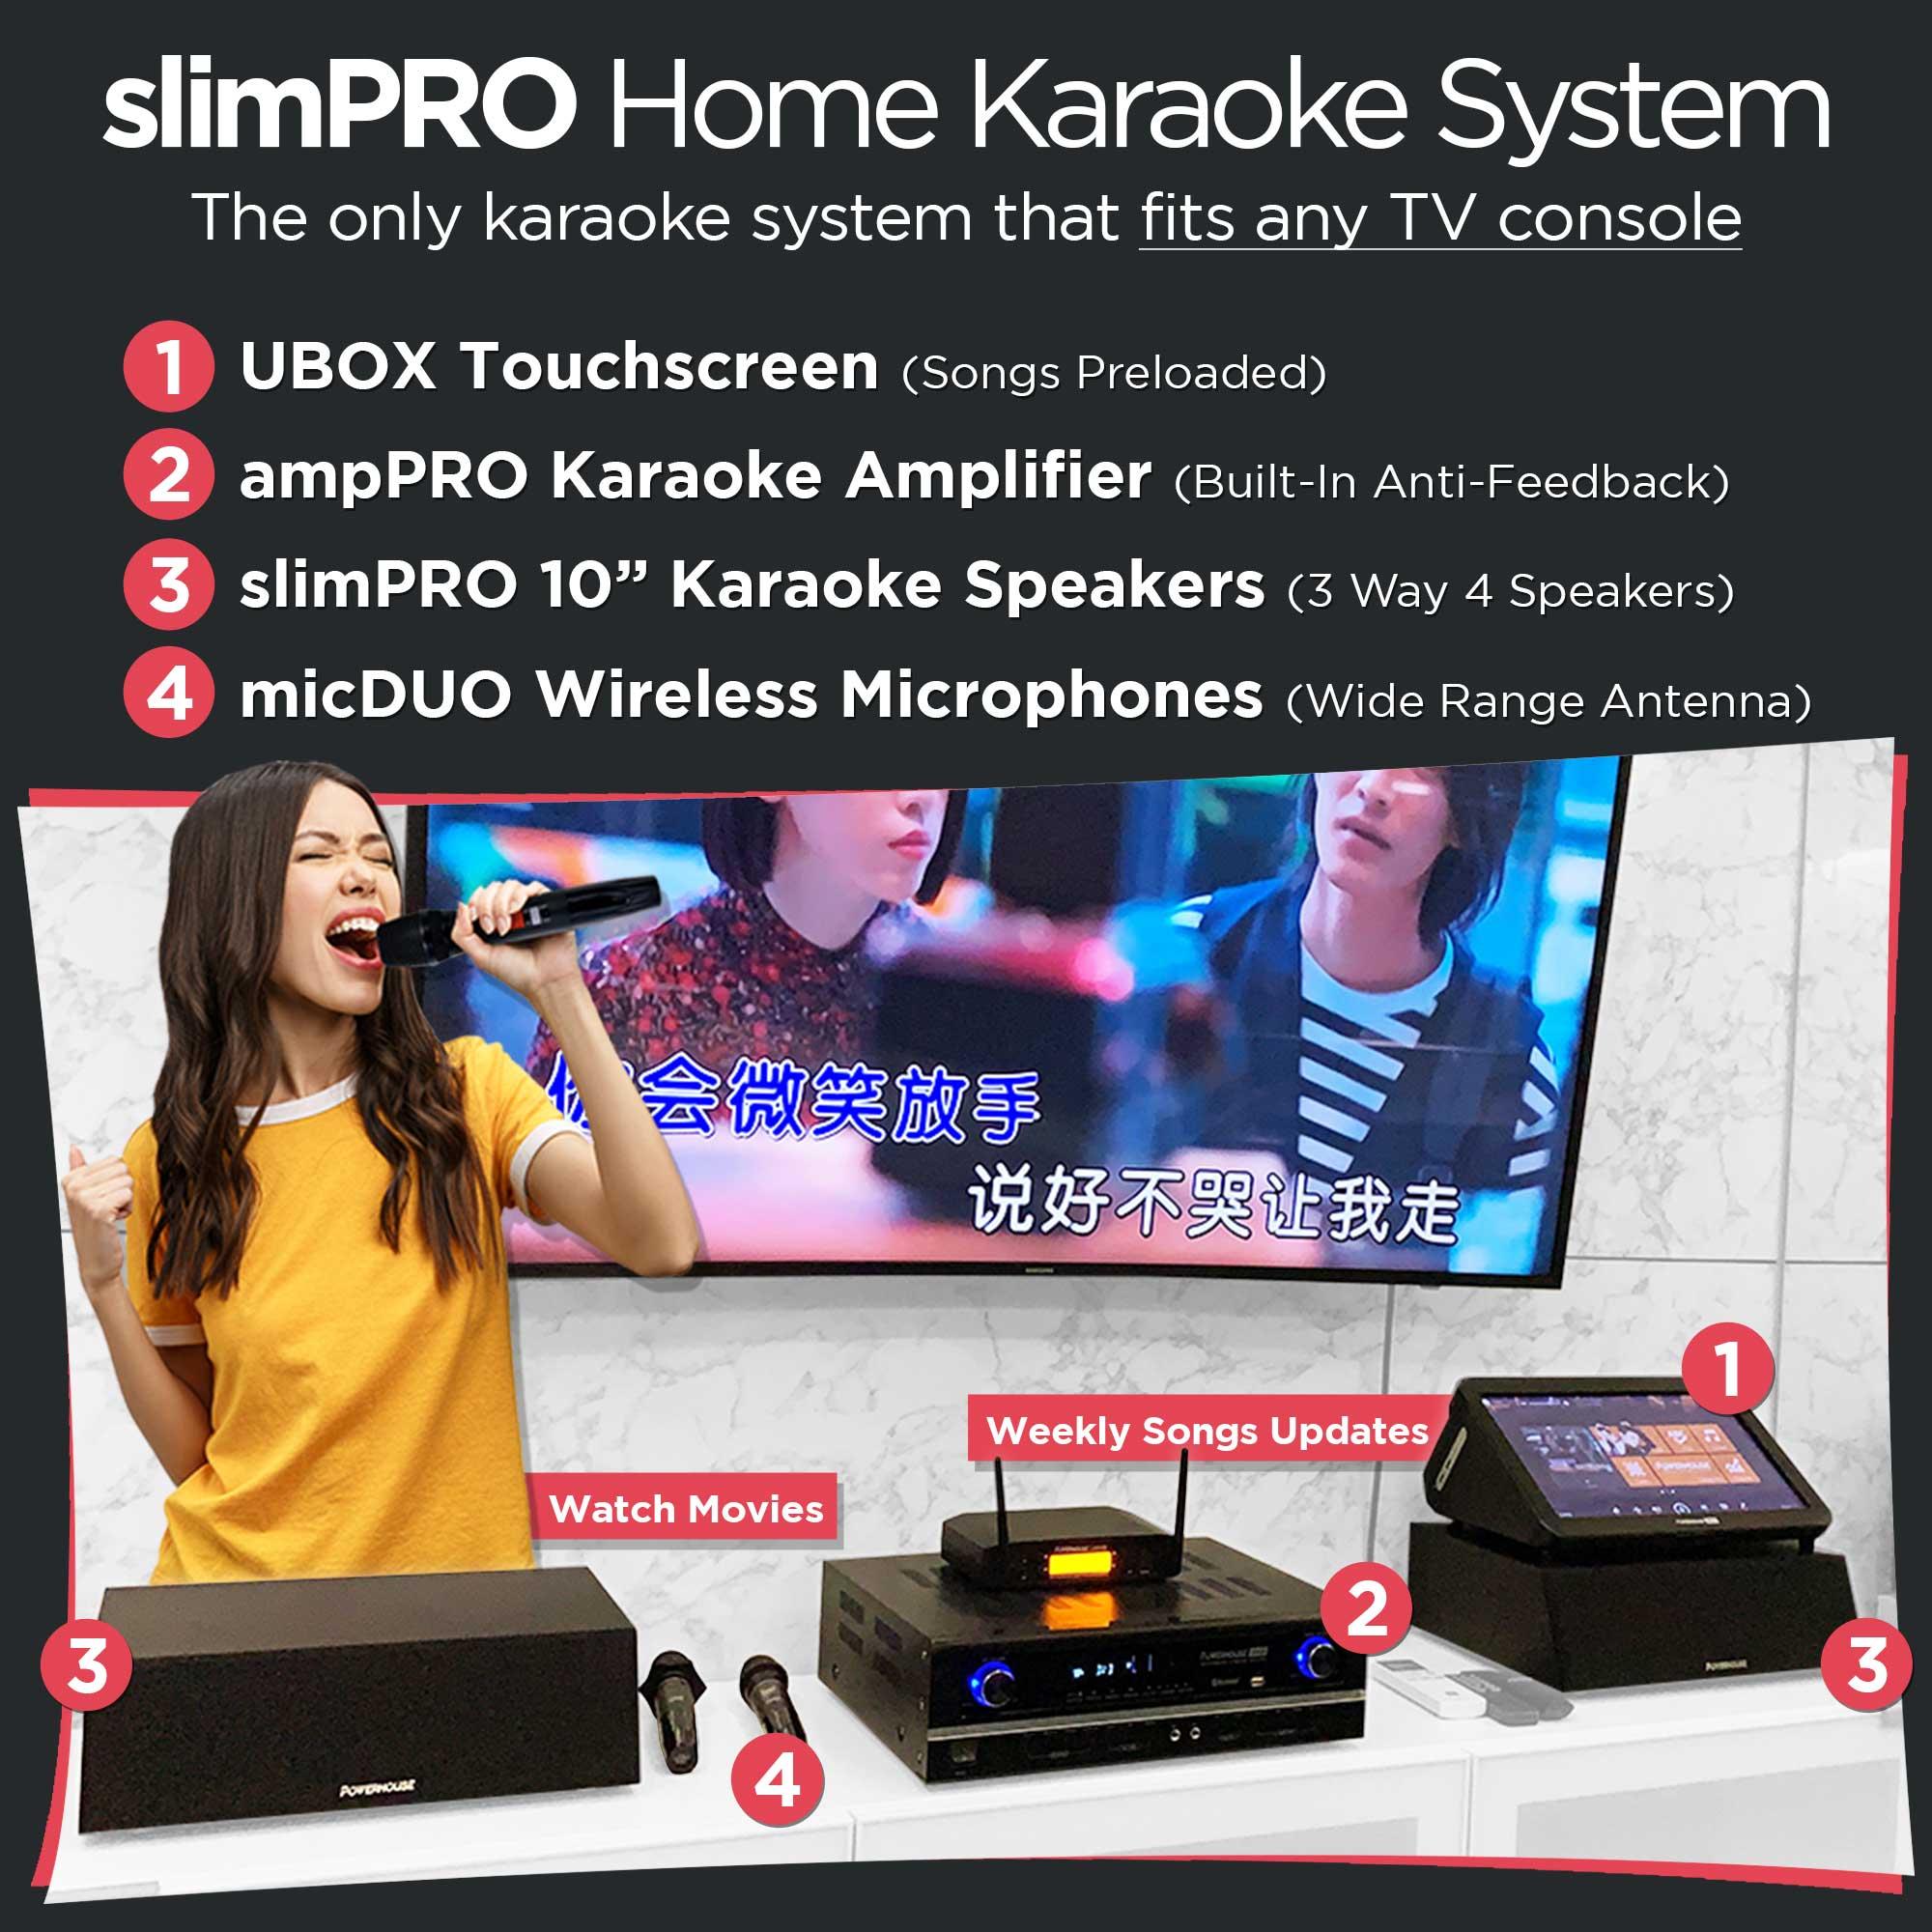 Powerhouse slimPRO Home Karaoke System